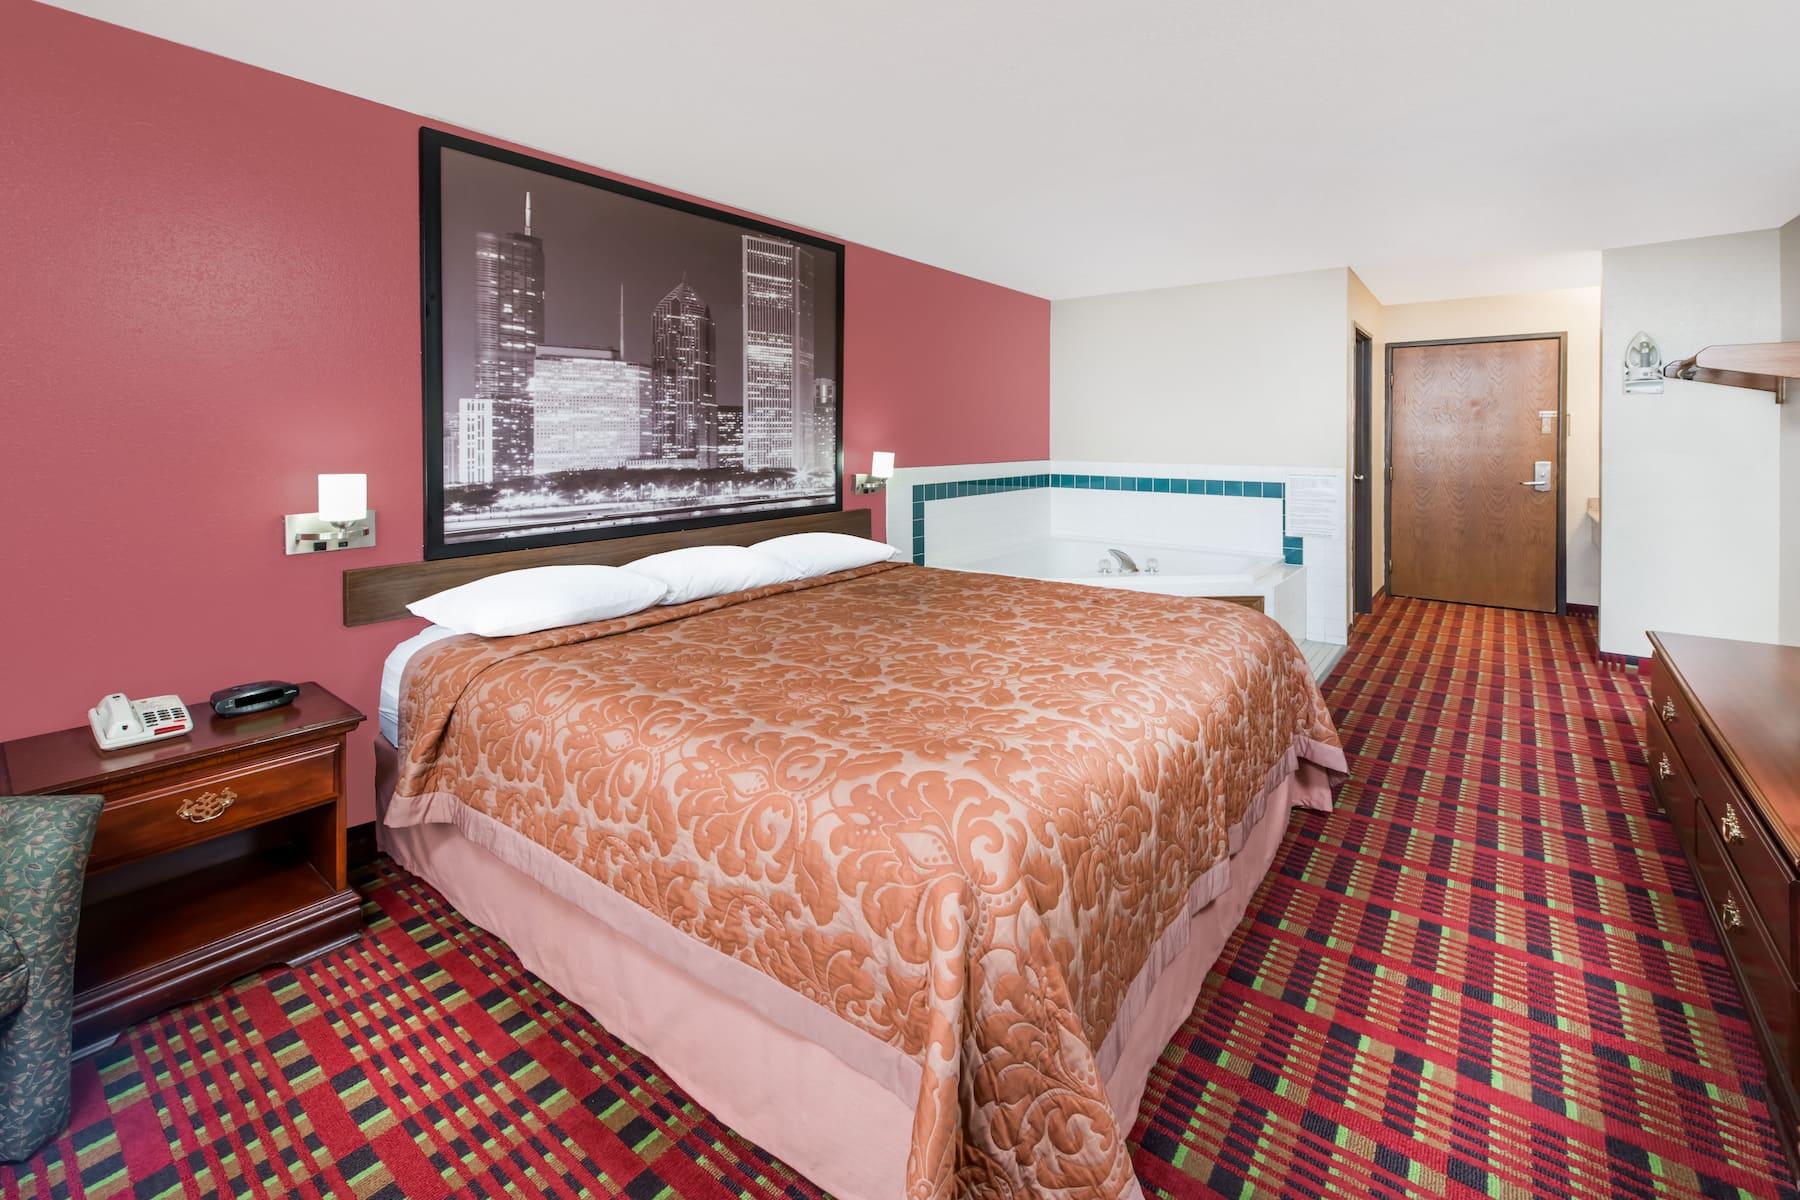 Super 8 by Wyndham Paris IL | Paris, IL Hotels